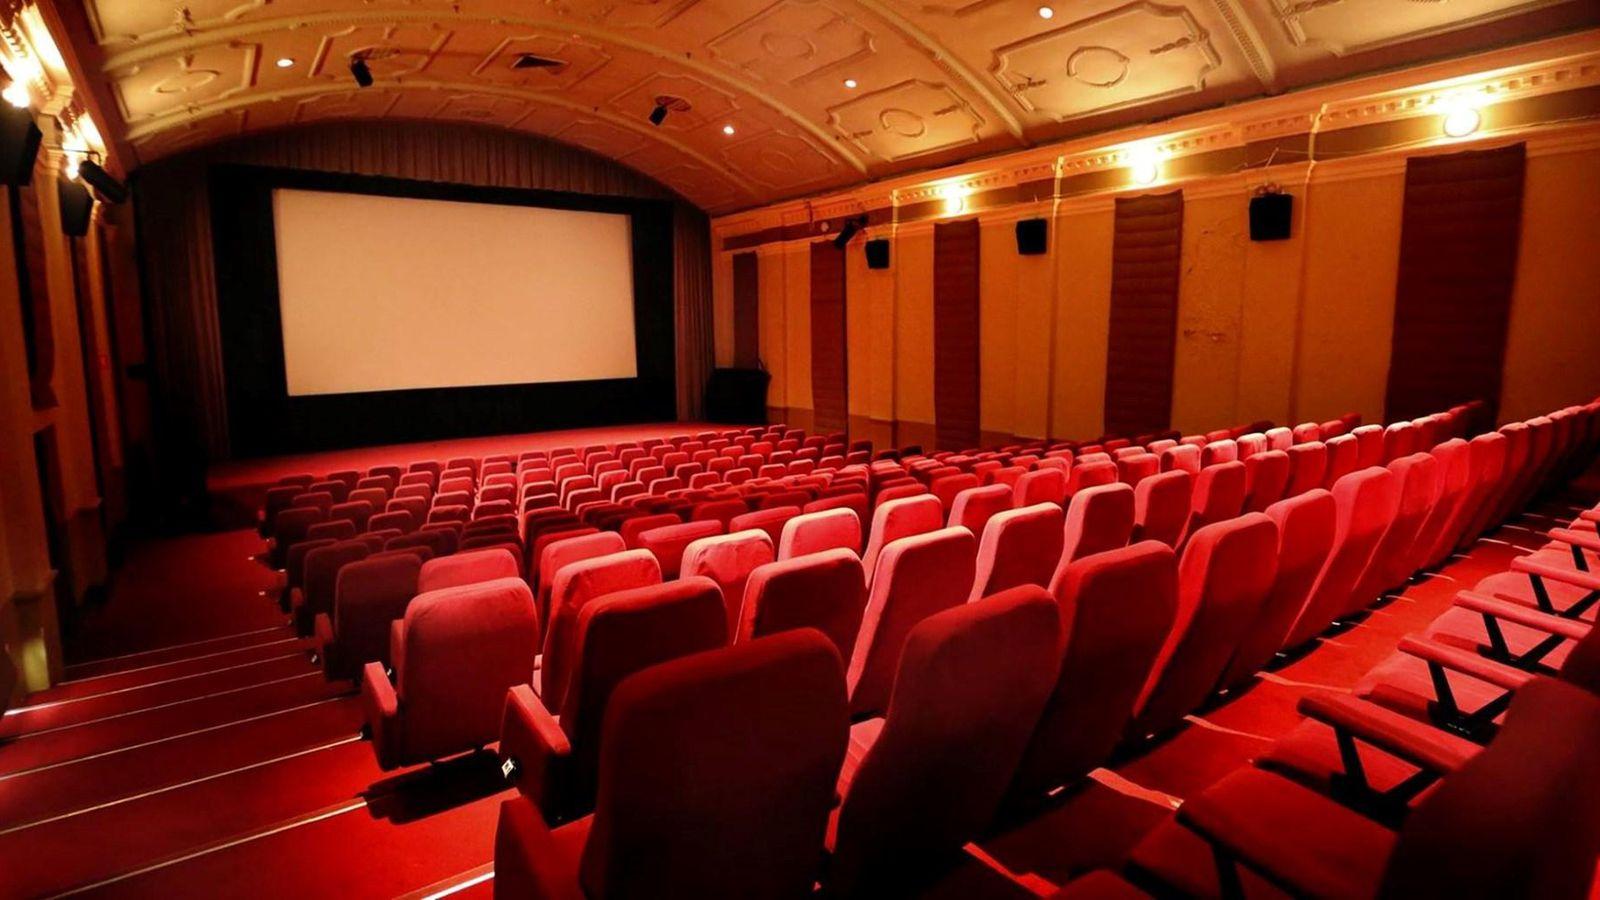 Coronavírus: 577 salas de cinema fechadas no Brasil